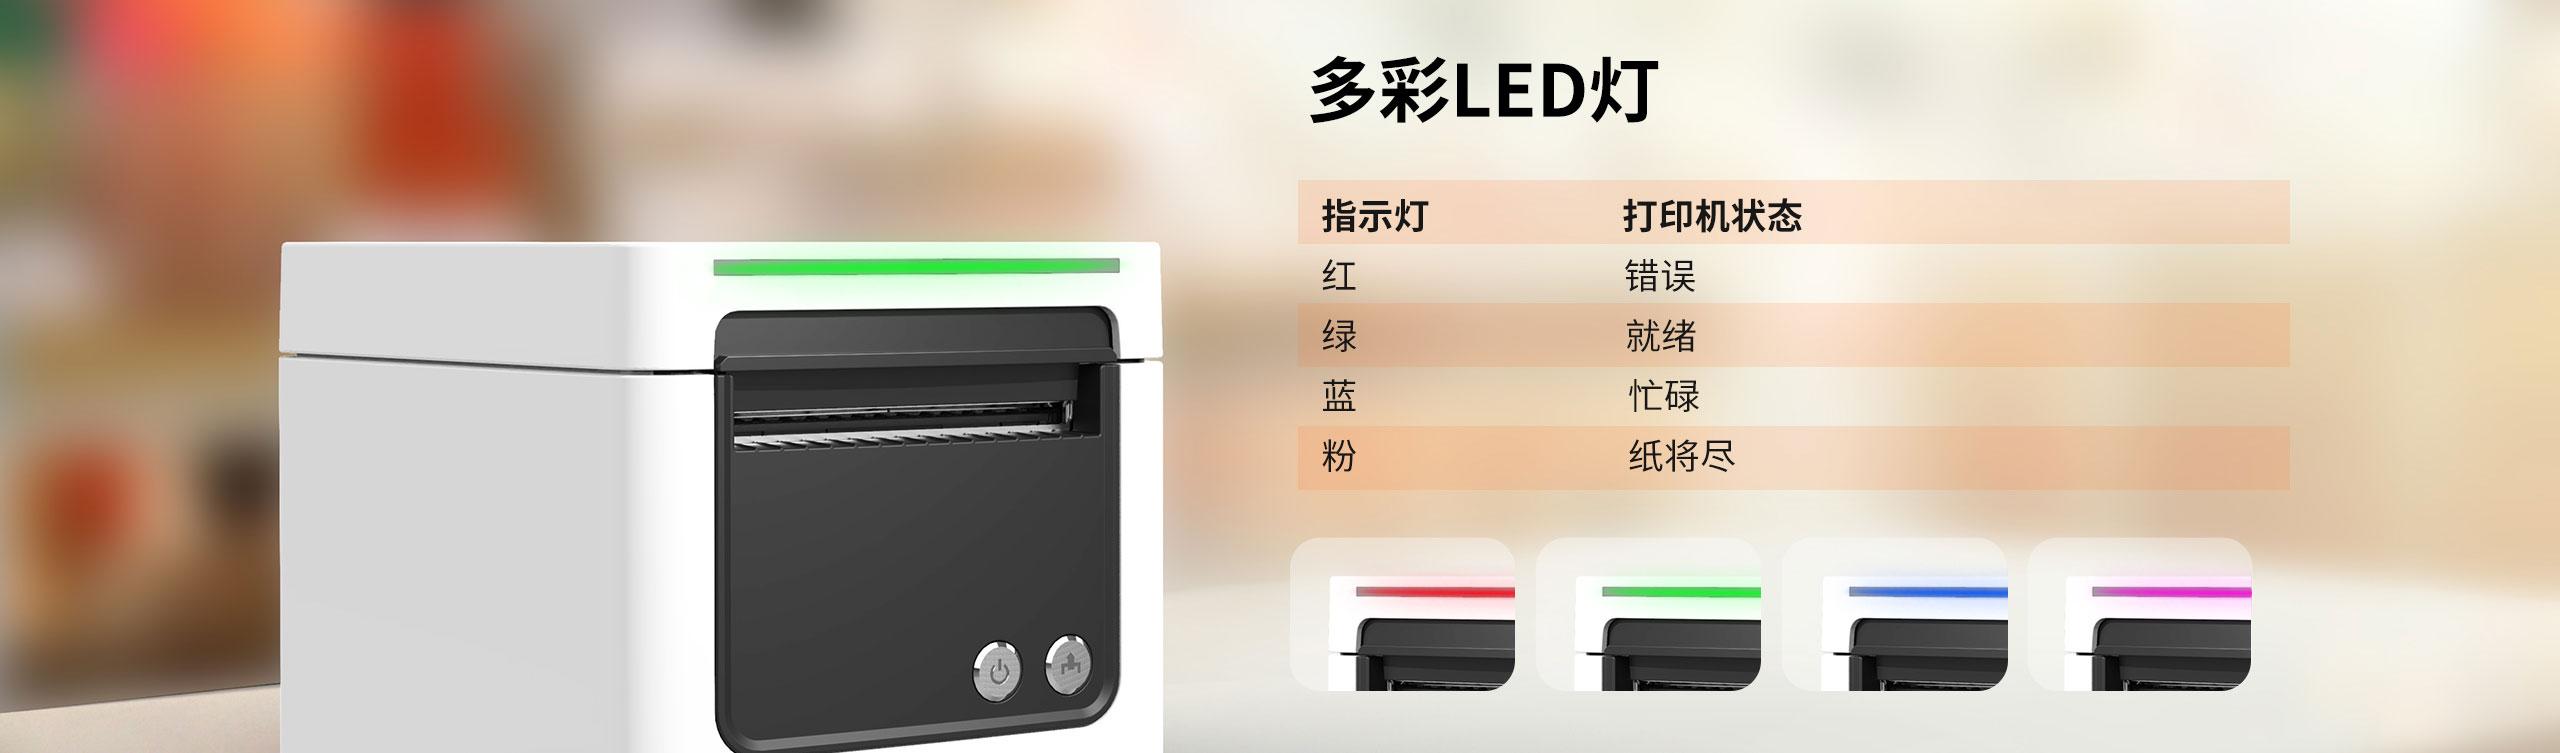 TP809热敏票据打印机,黑白两色可选  第8张